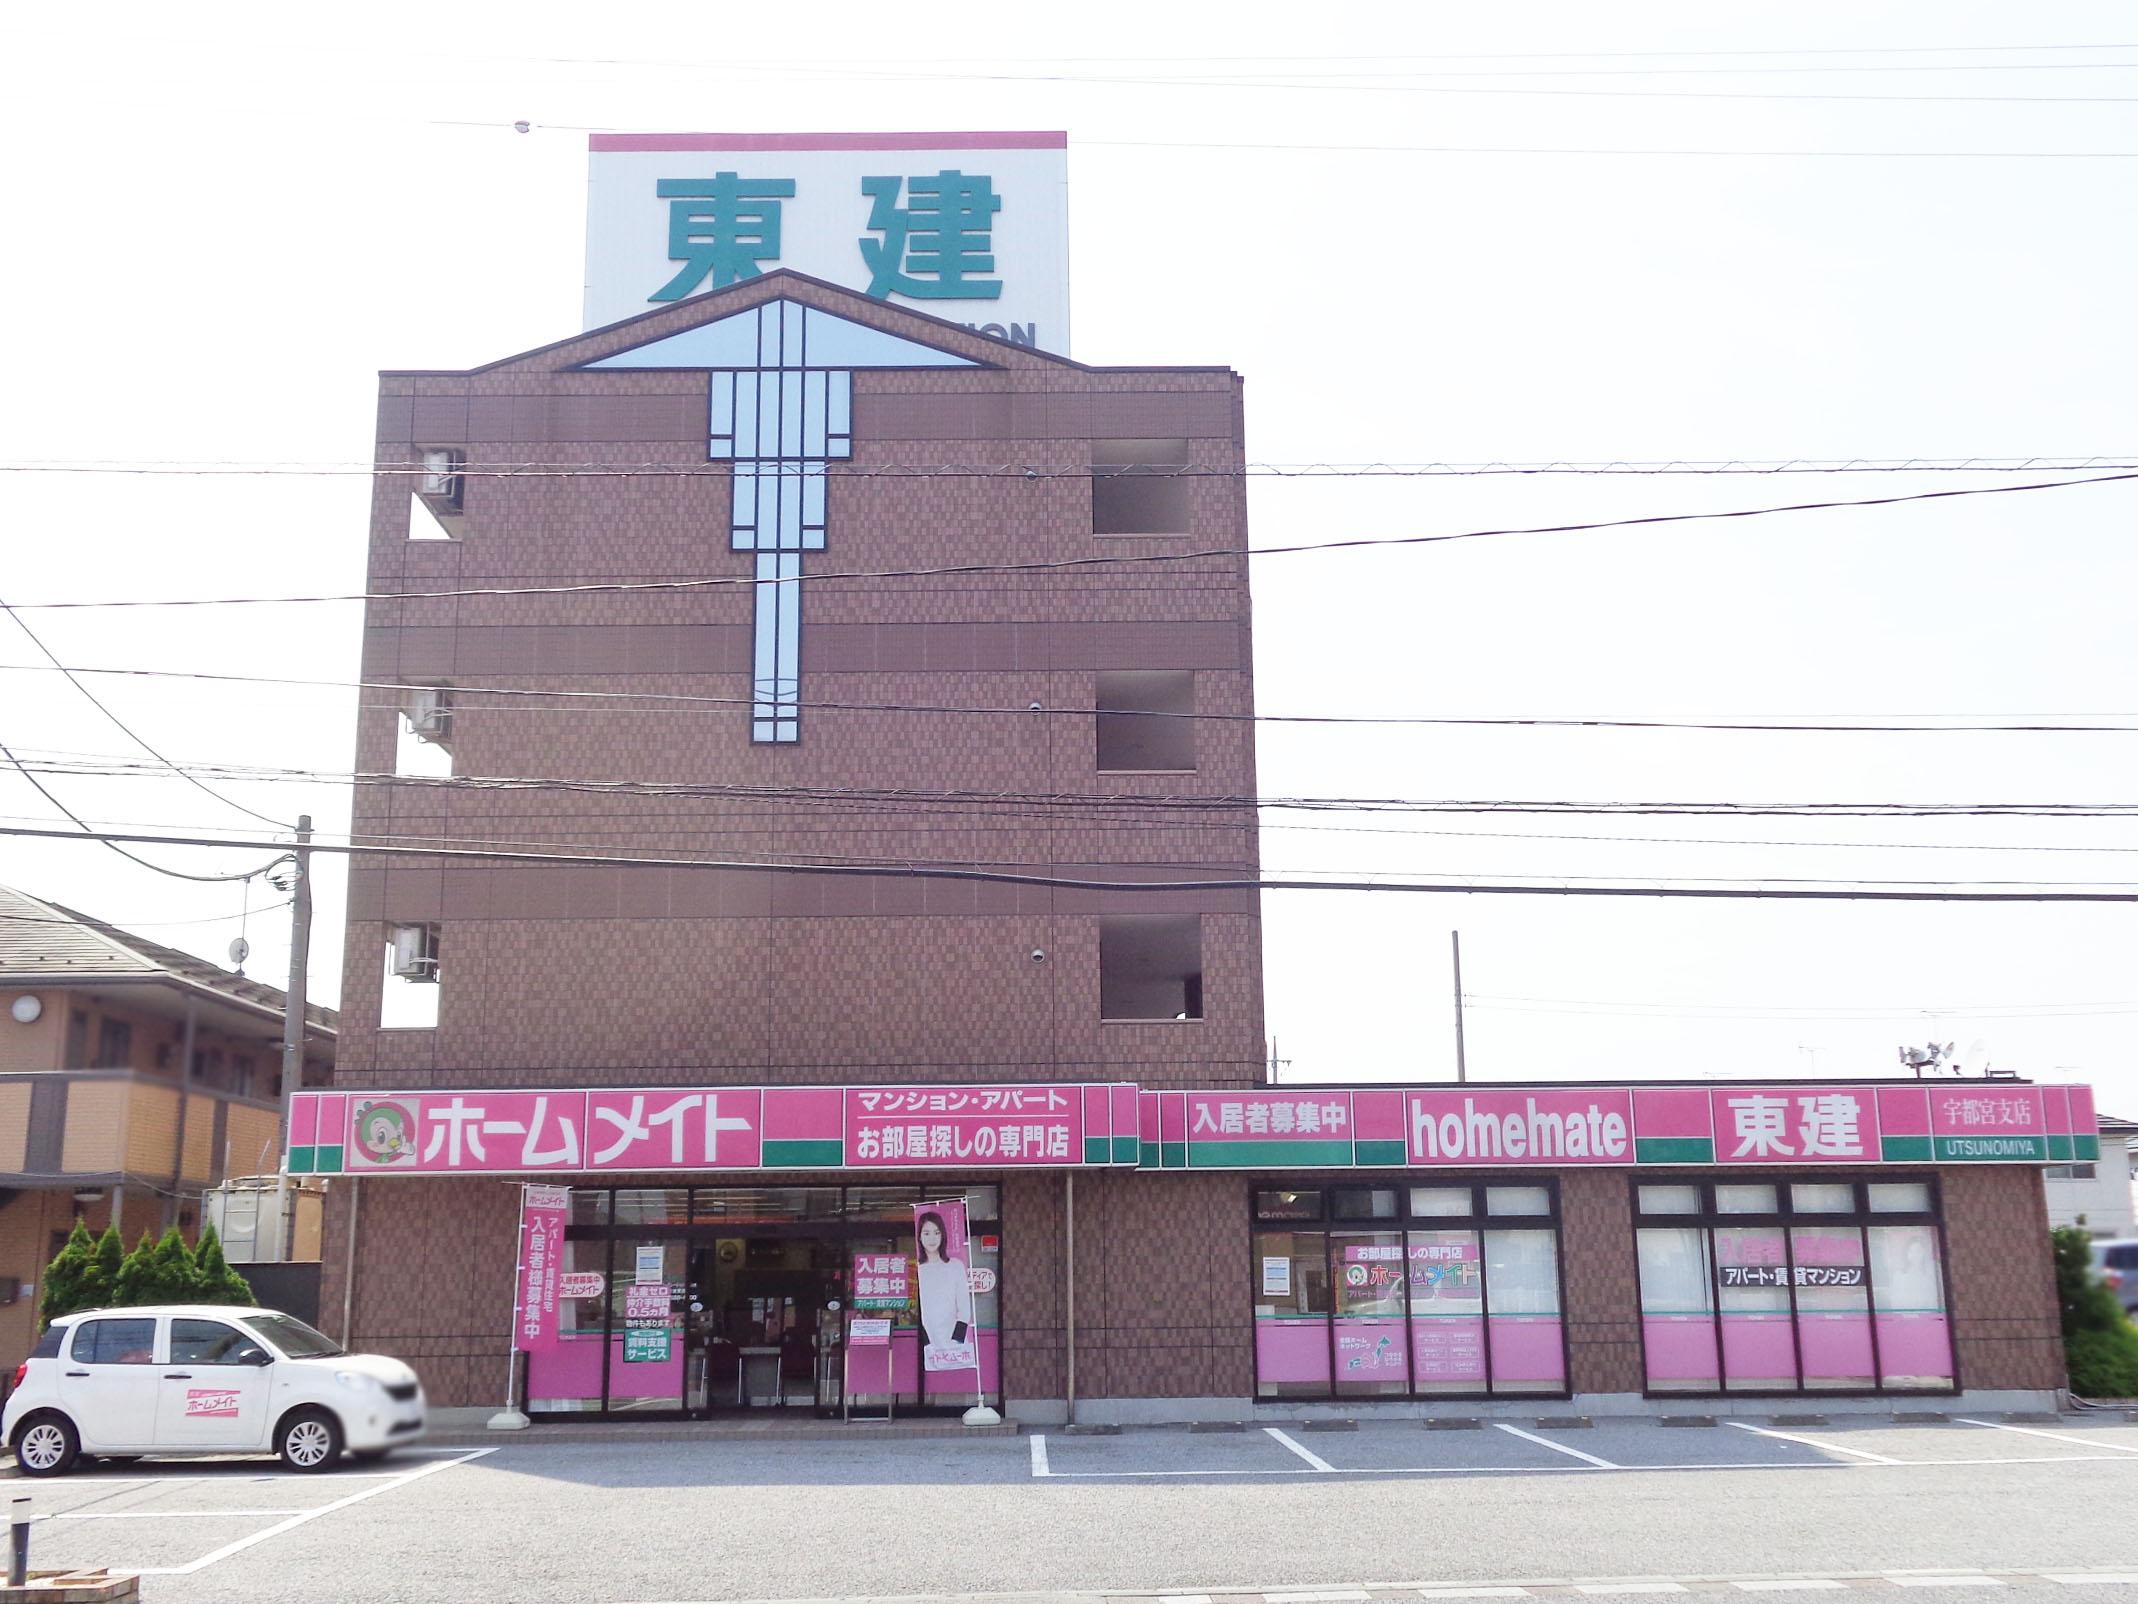 東建コーポレーション宇都宮支店